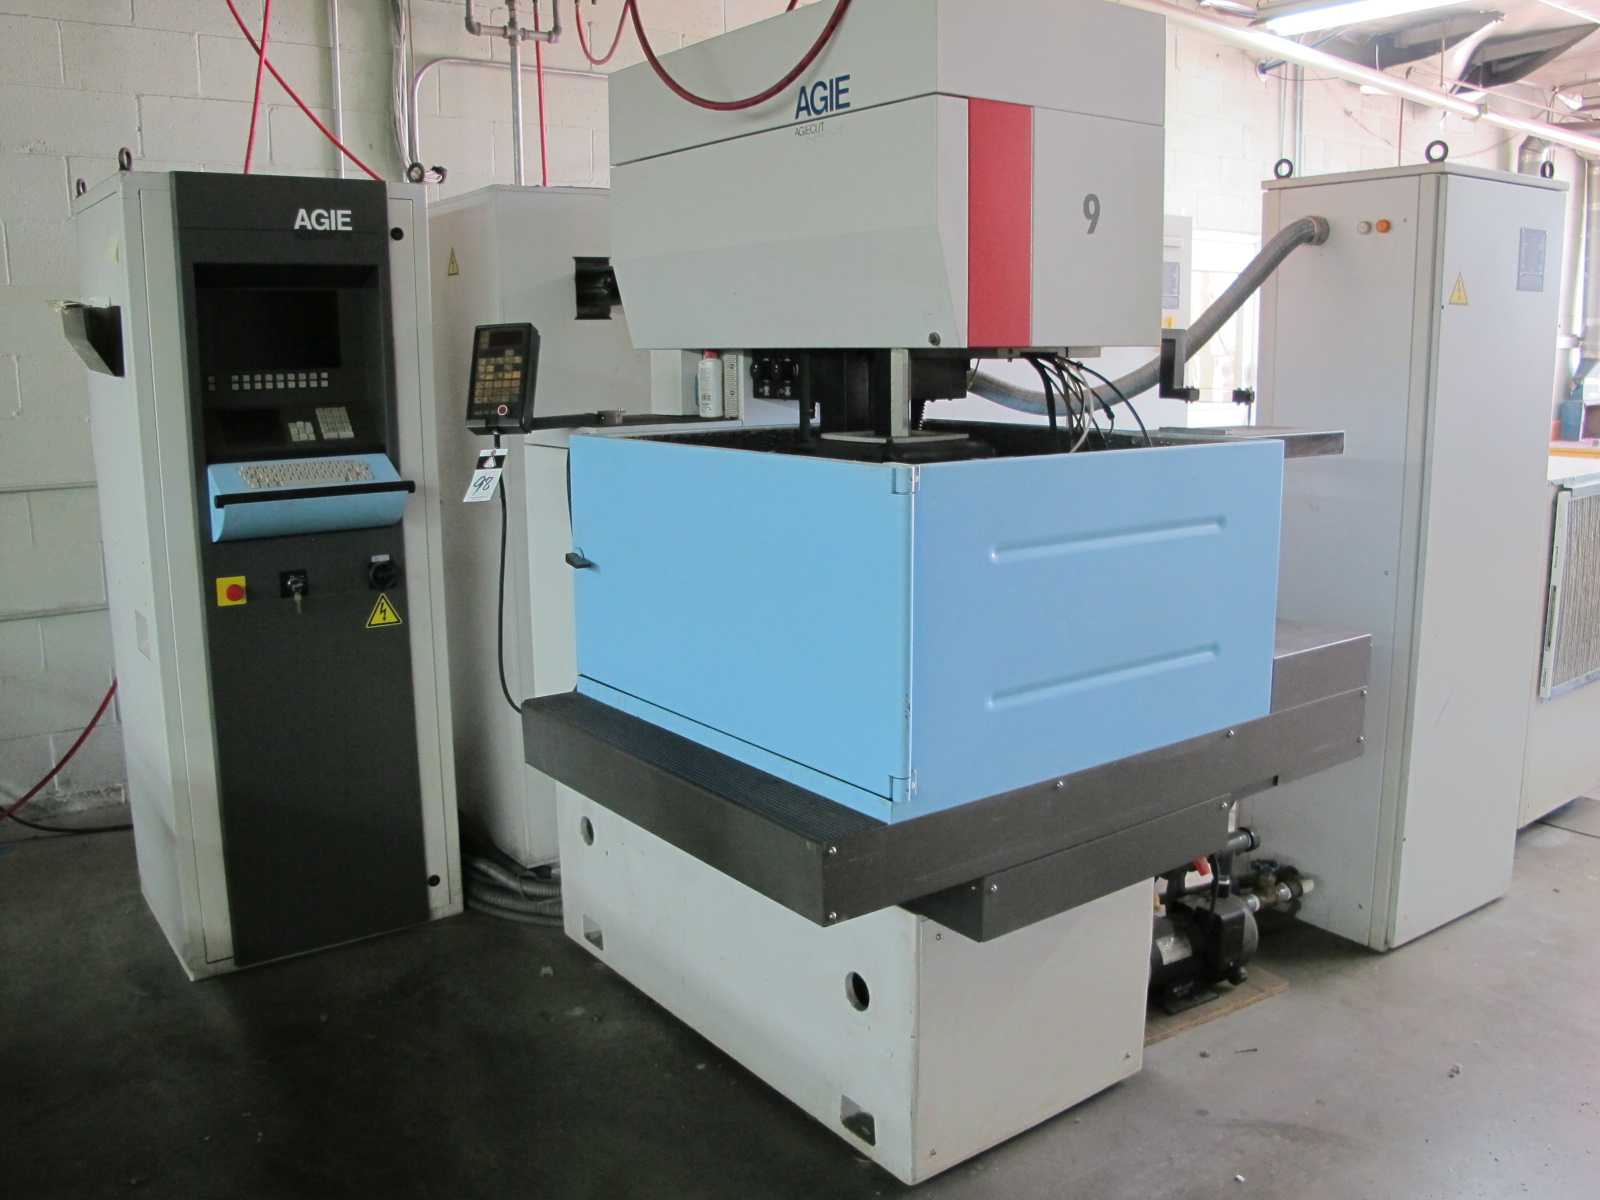 Agie Agiecut Sprint CNC Wire EDM Machine w/ Agie Agiematic CD CNC ...